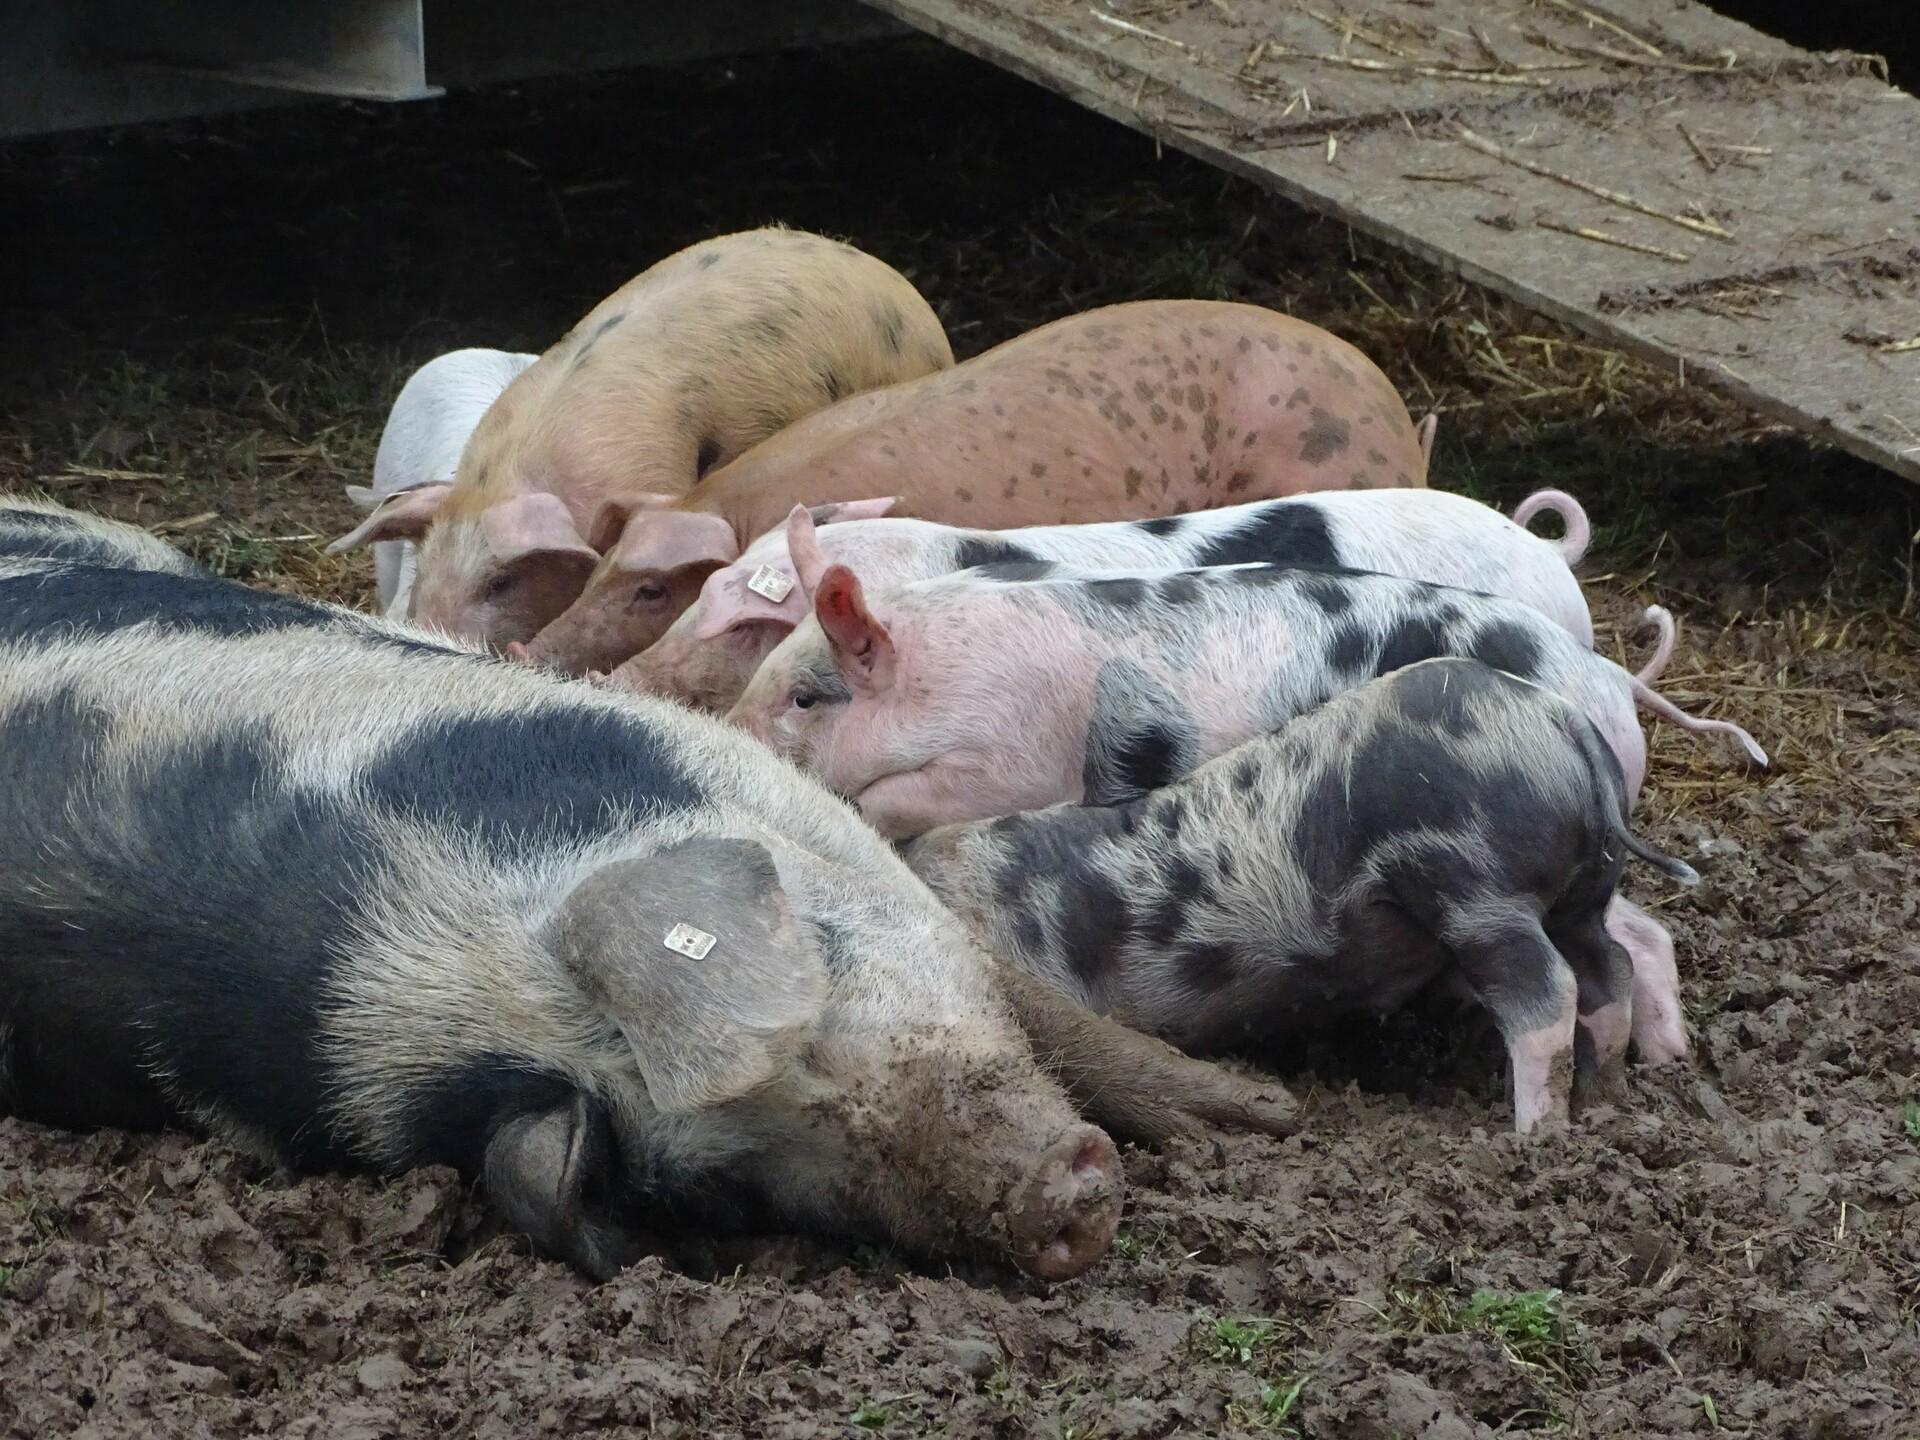 Schwein mit Ferkel in Freilandhaltung